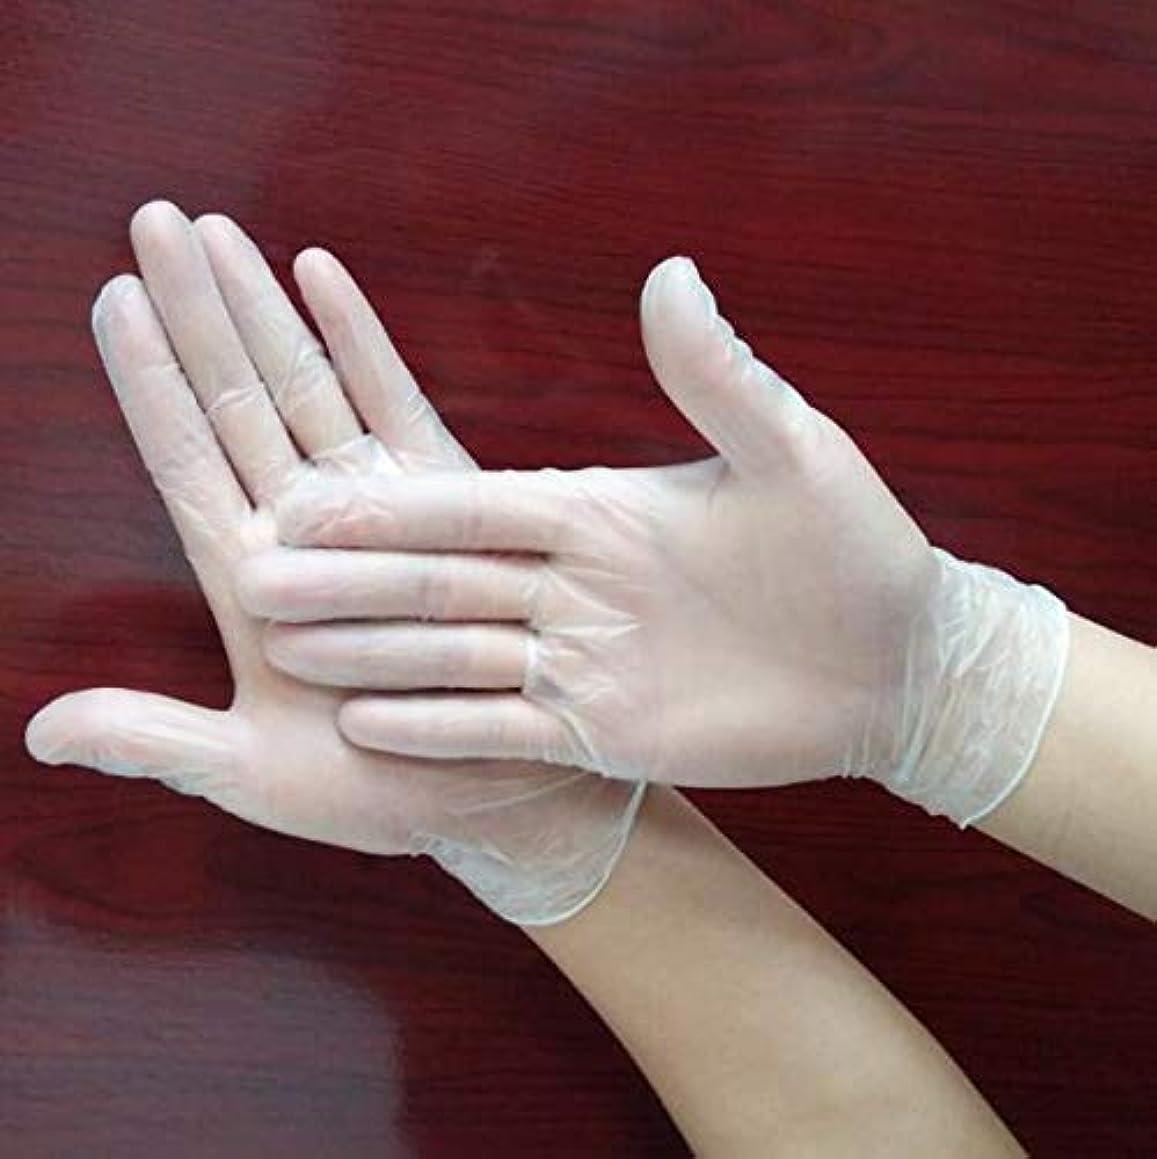 グレートバリアリーフ吸収する幸運なハッピー 使い捨てPVC手袋 ベルテプラテ 使い捨て手袋 PVCグローブ 粉なし パウダーフリー 左右兼用 (M)